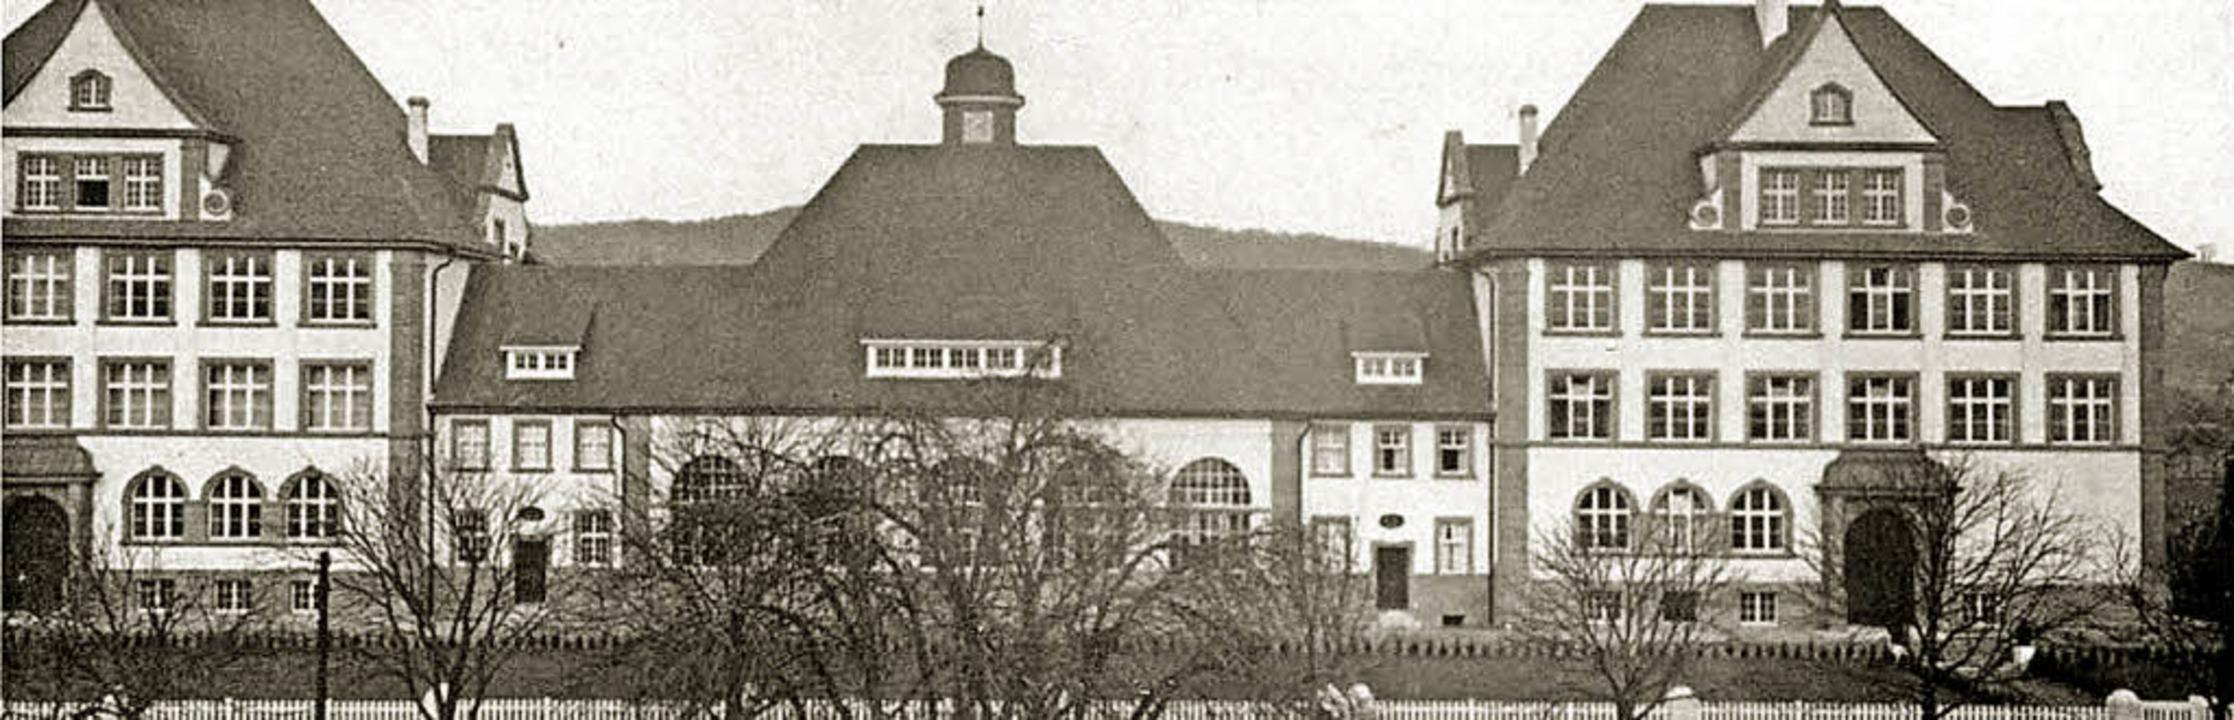 Die Markgrafenschule im Jahr ihrer Einweihung 2014    Foto: Stadt Emmendingen - Fotomuseum Hirsmüller